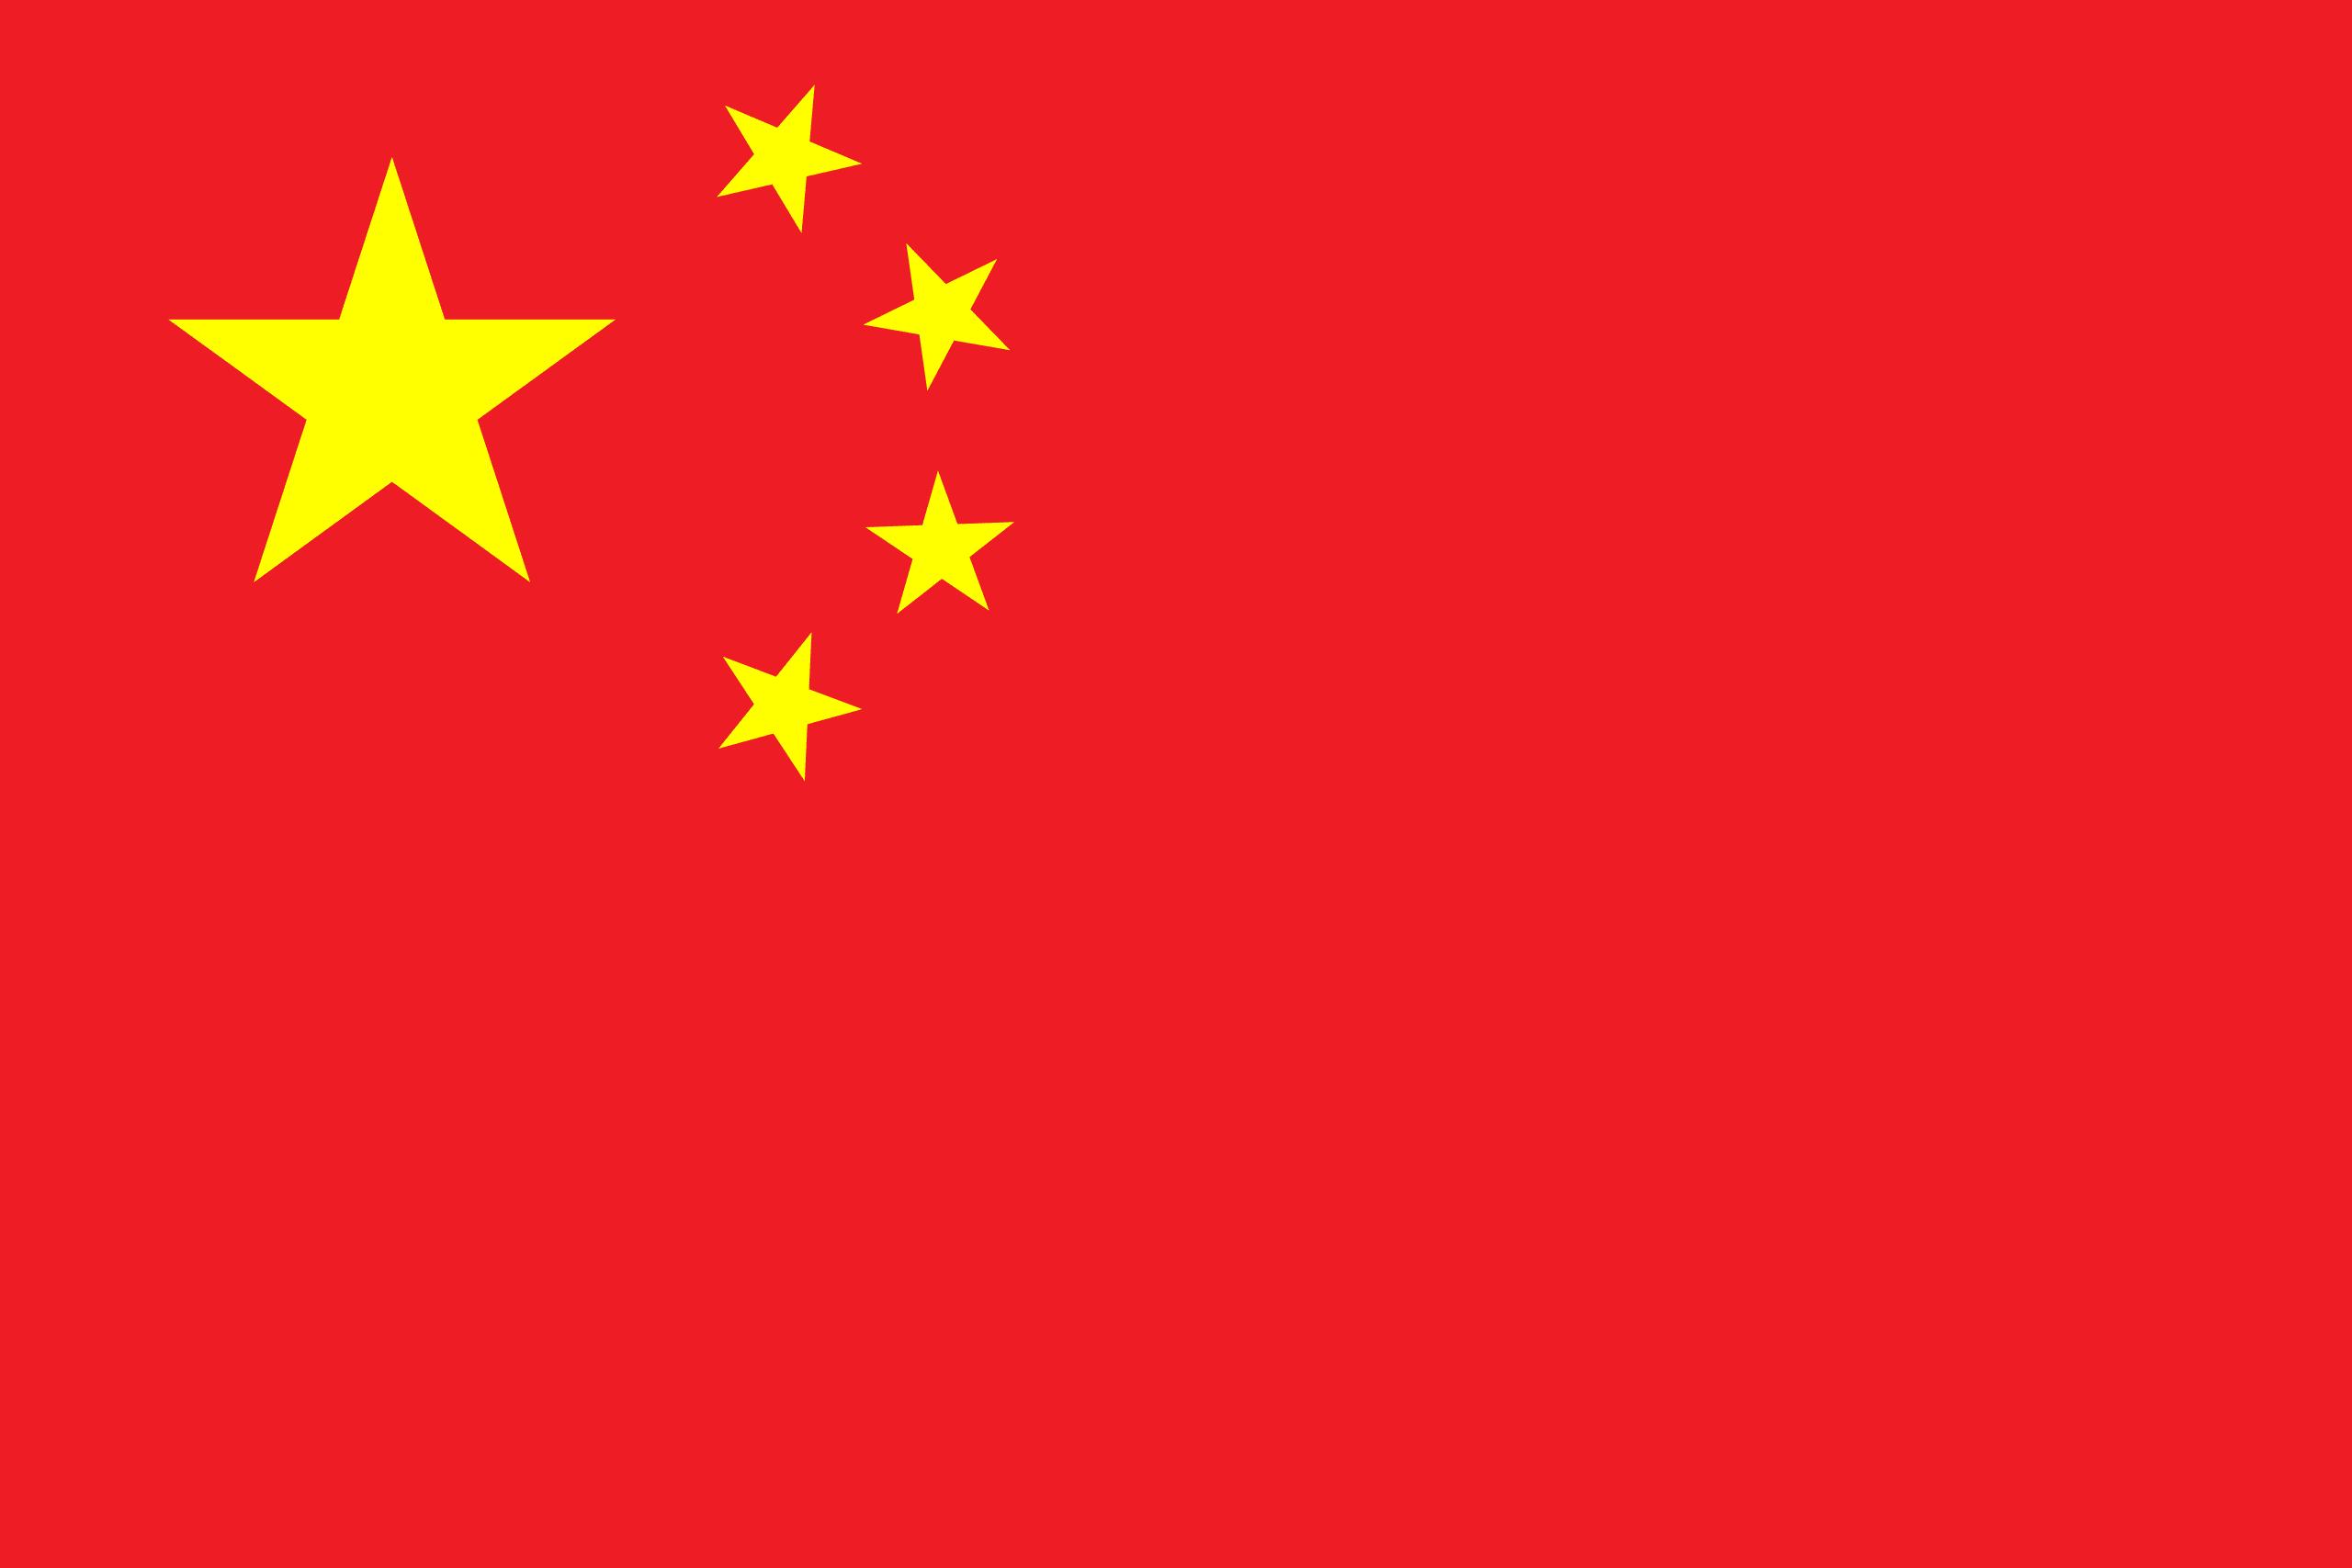 tlcharger un drapeau ou de lutiliser sur des sites web - Drapeau Espagnol A Imprimer